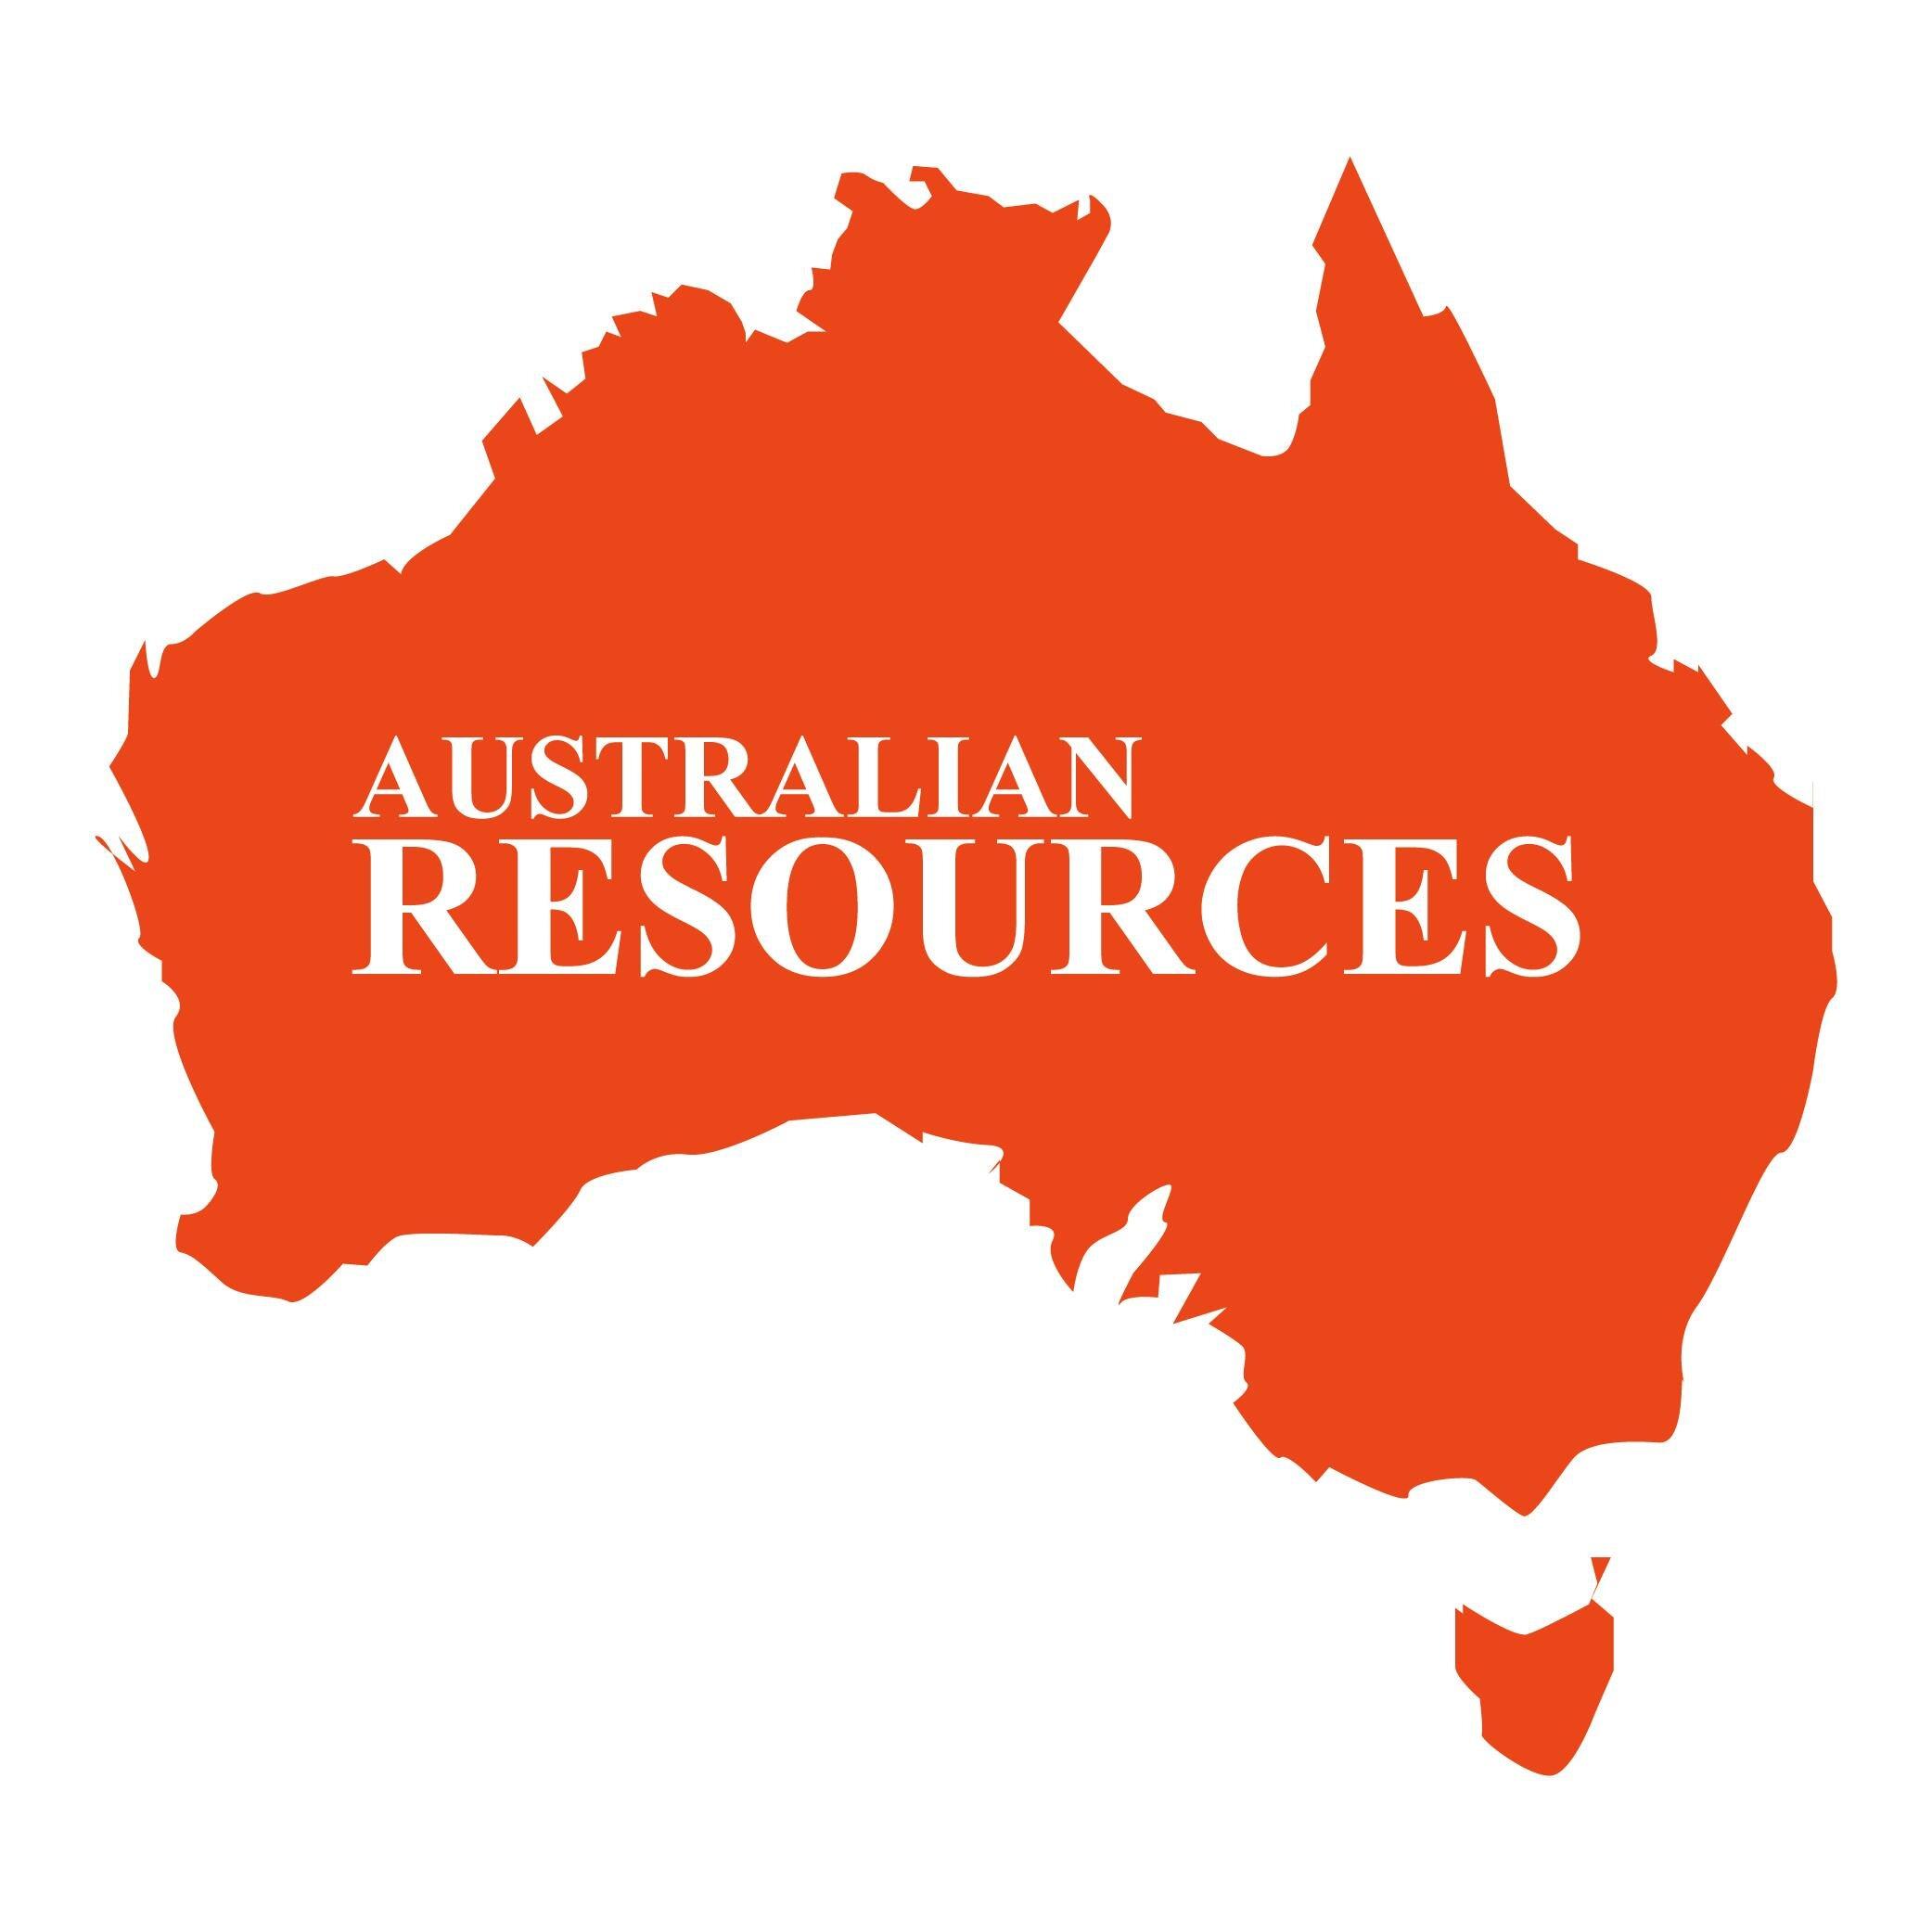 australian resources ausresources twitter